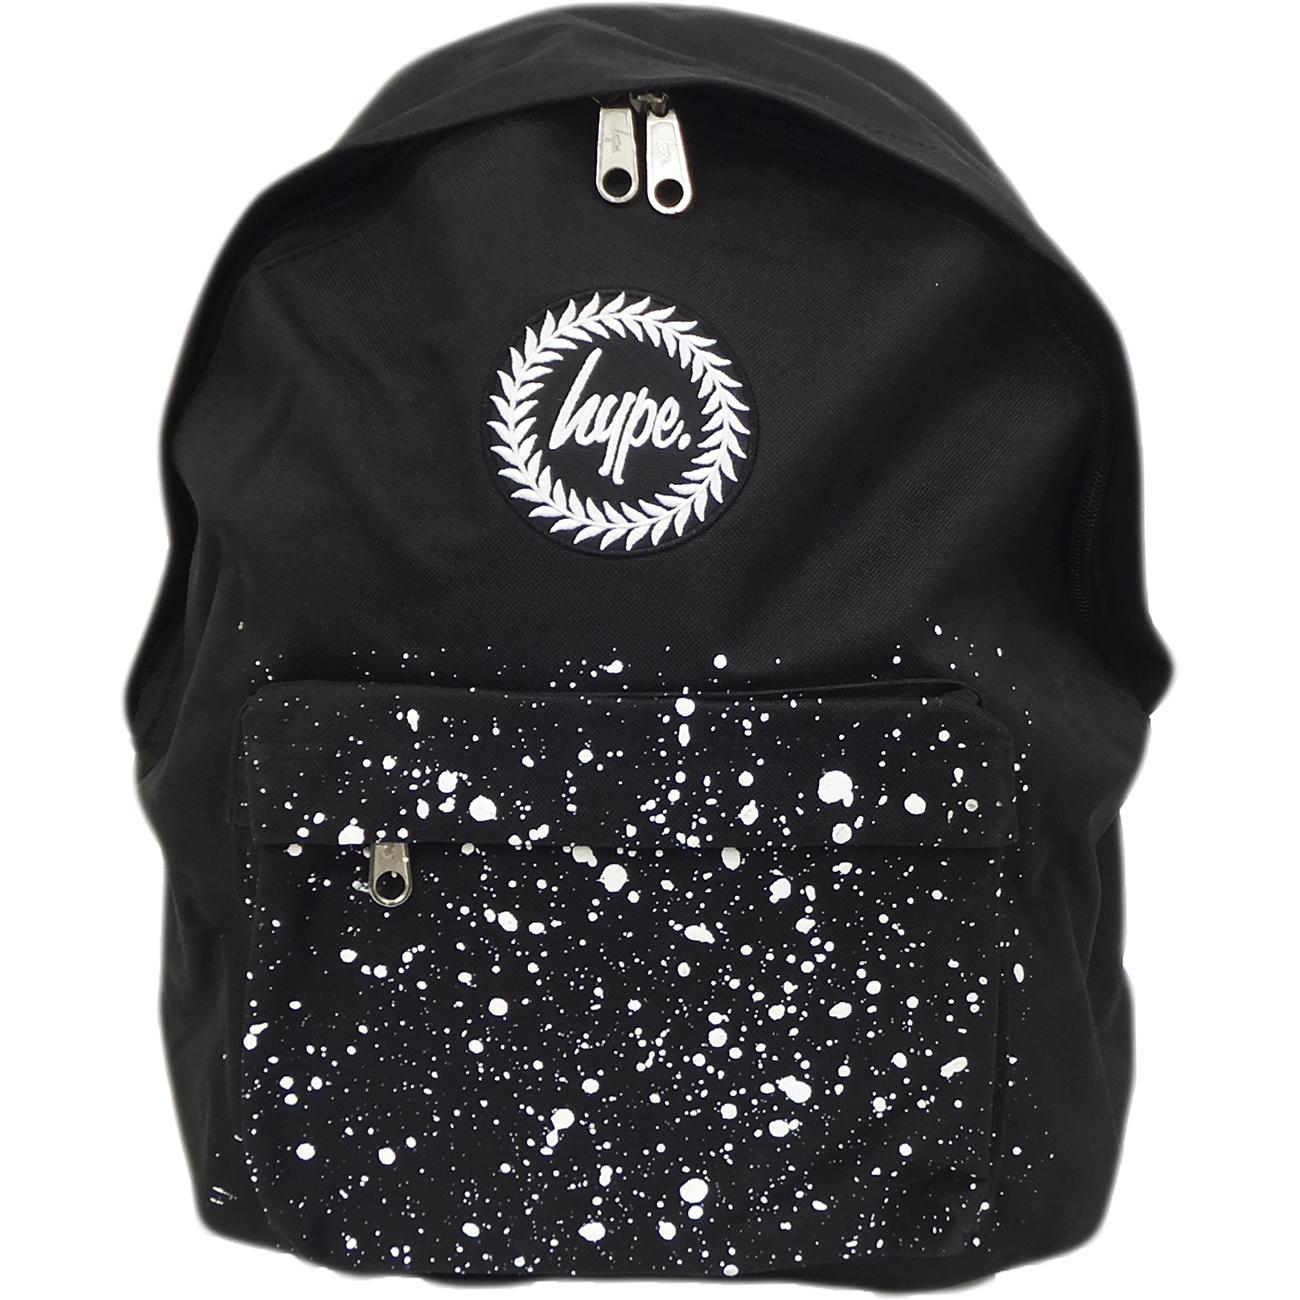 Sentinel Just Hype Backpack Bag - Paint Splash Design 756d8d1267909